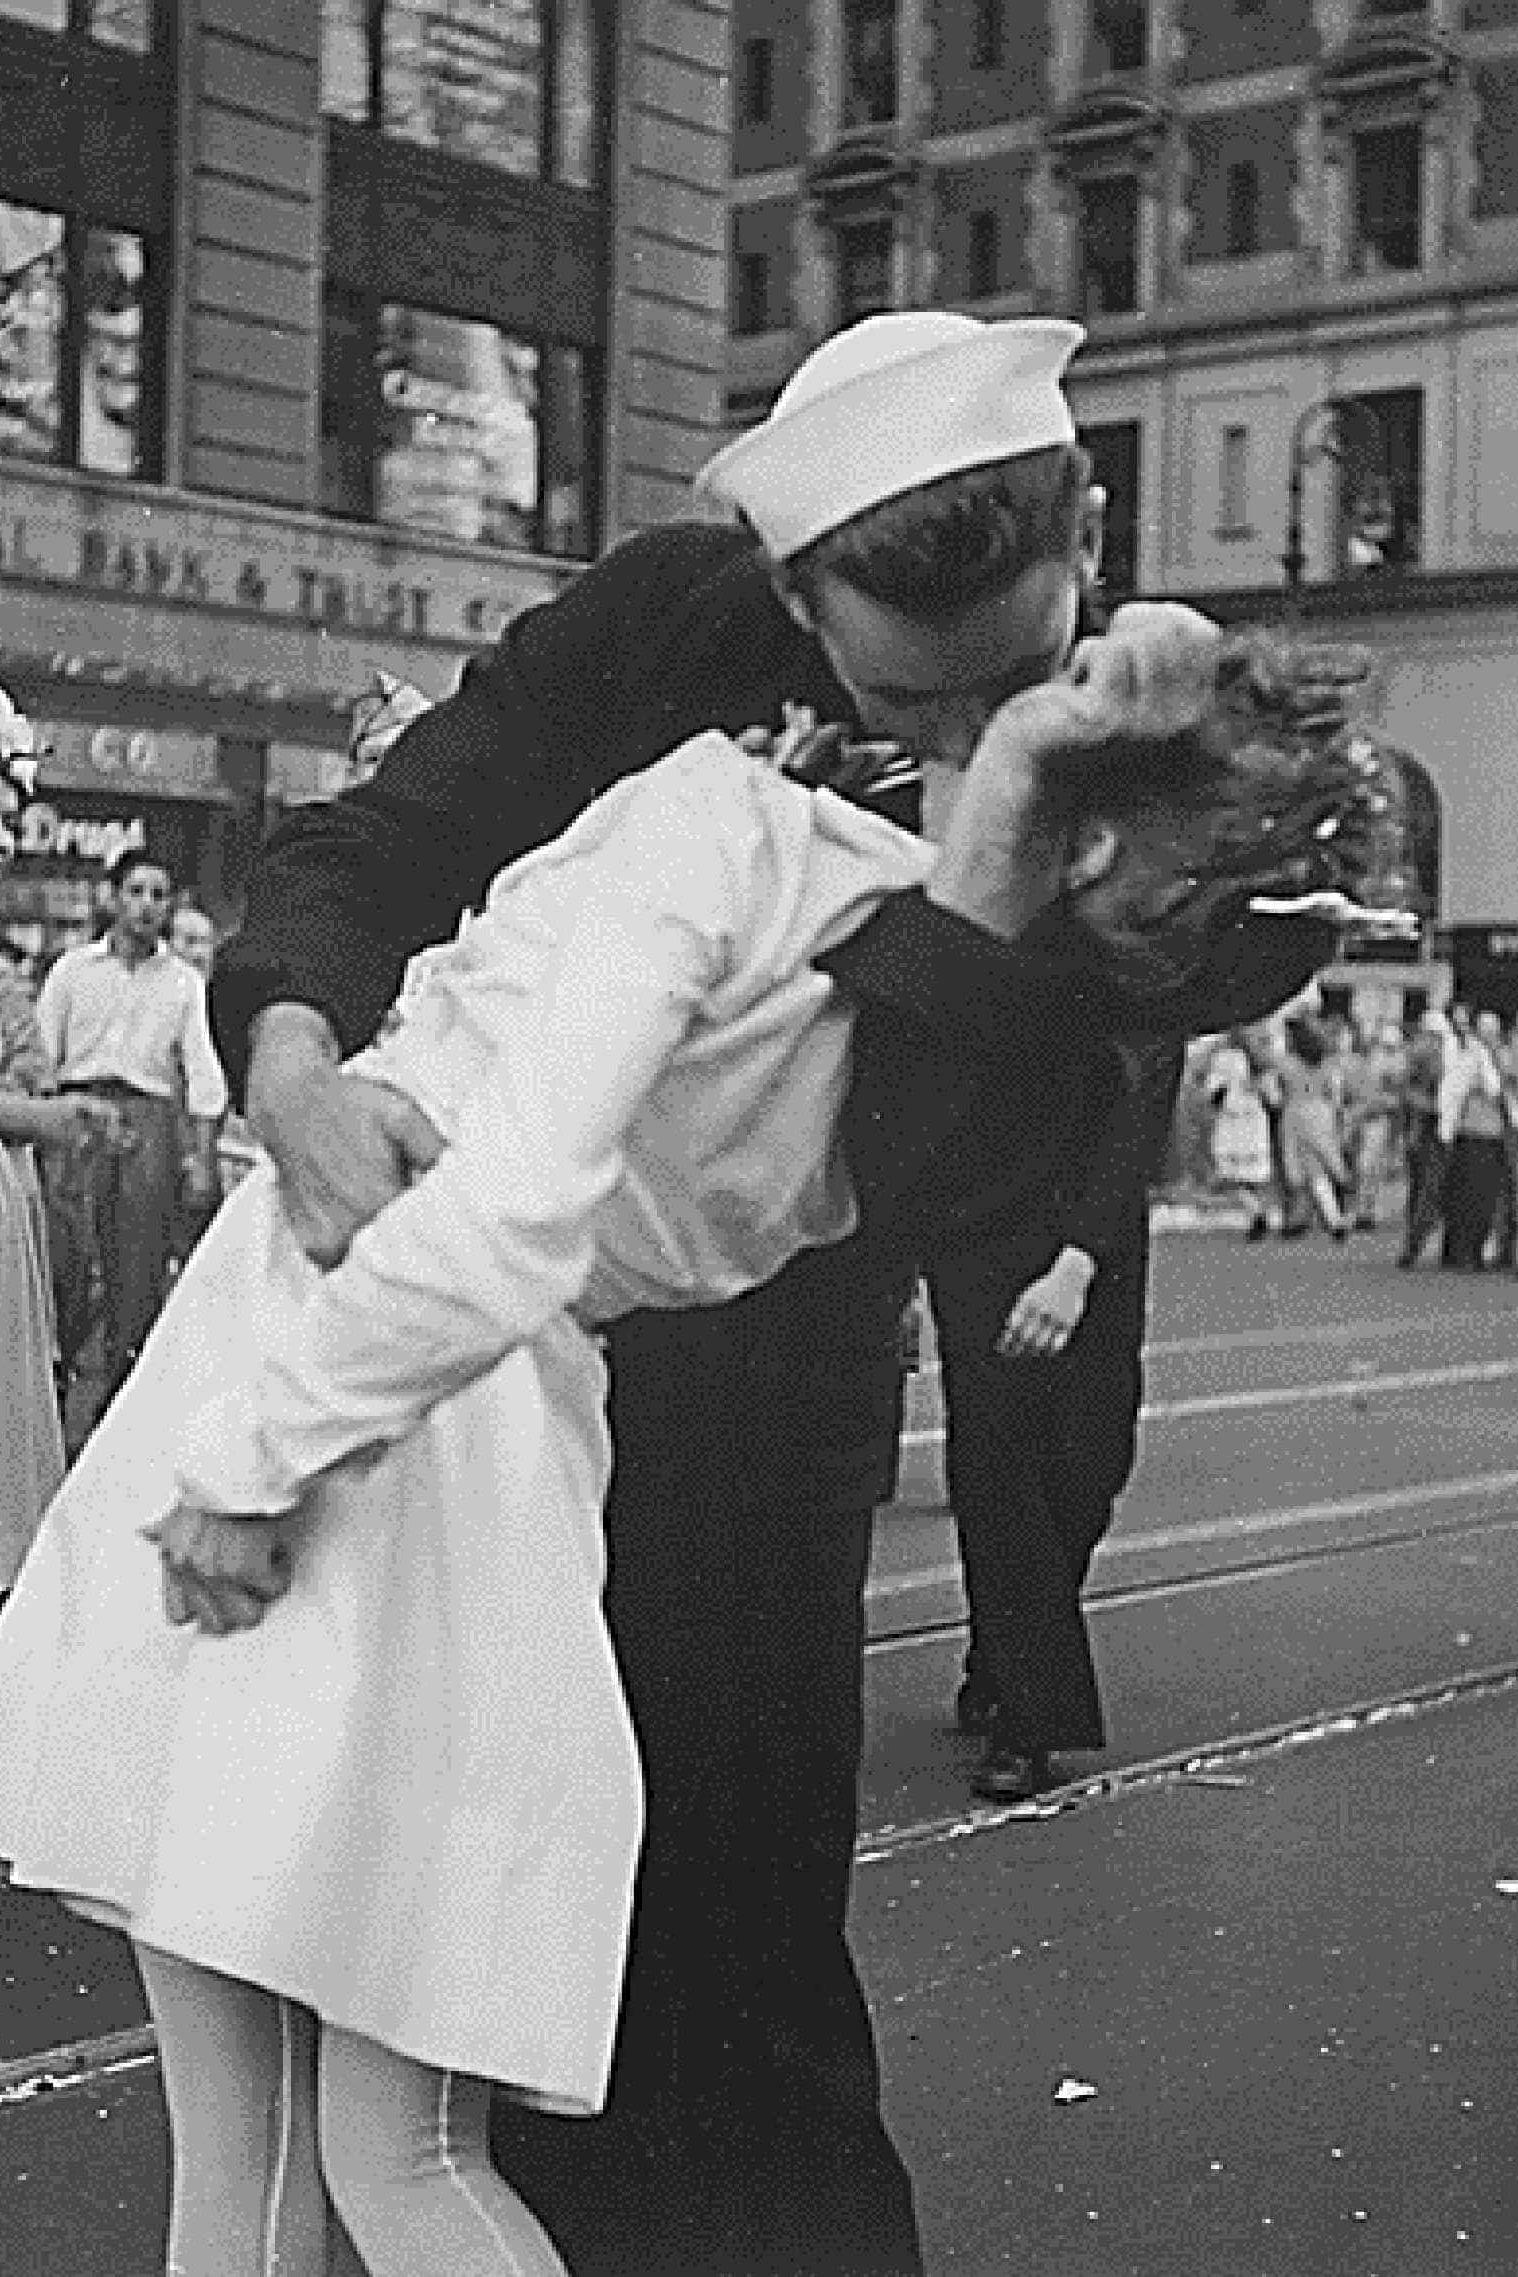 Morre marinheiro da foto de beijo no fim da II Guerra Mundial